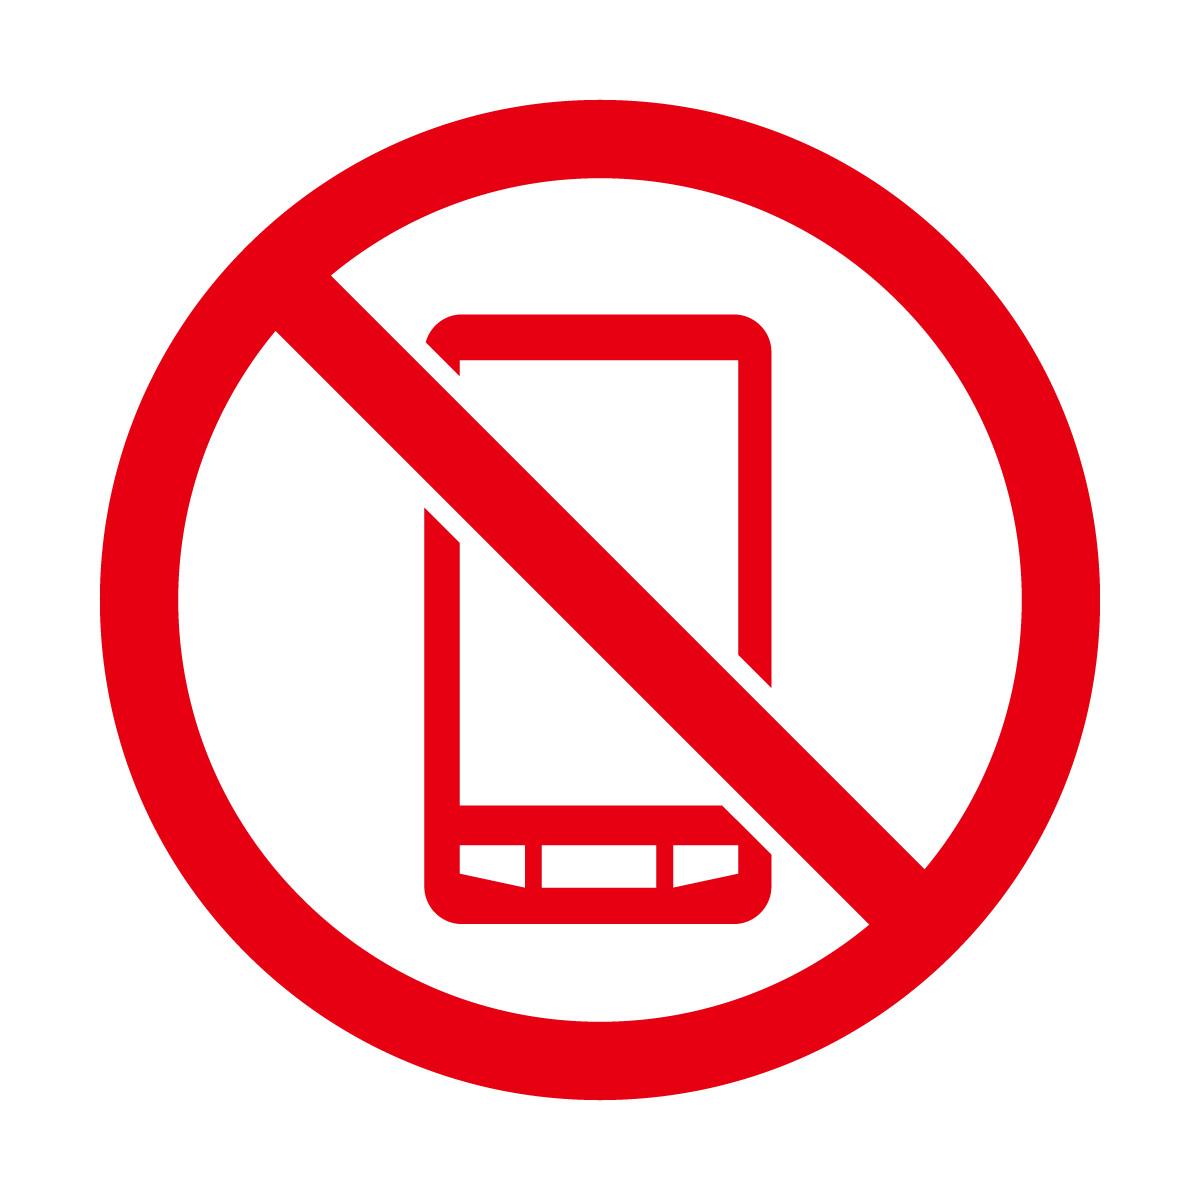 赤色のスマートフォン・携帯電話の使用禁止マークのカッティングシートステッカー